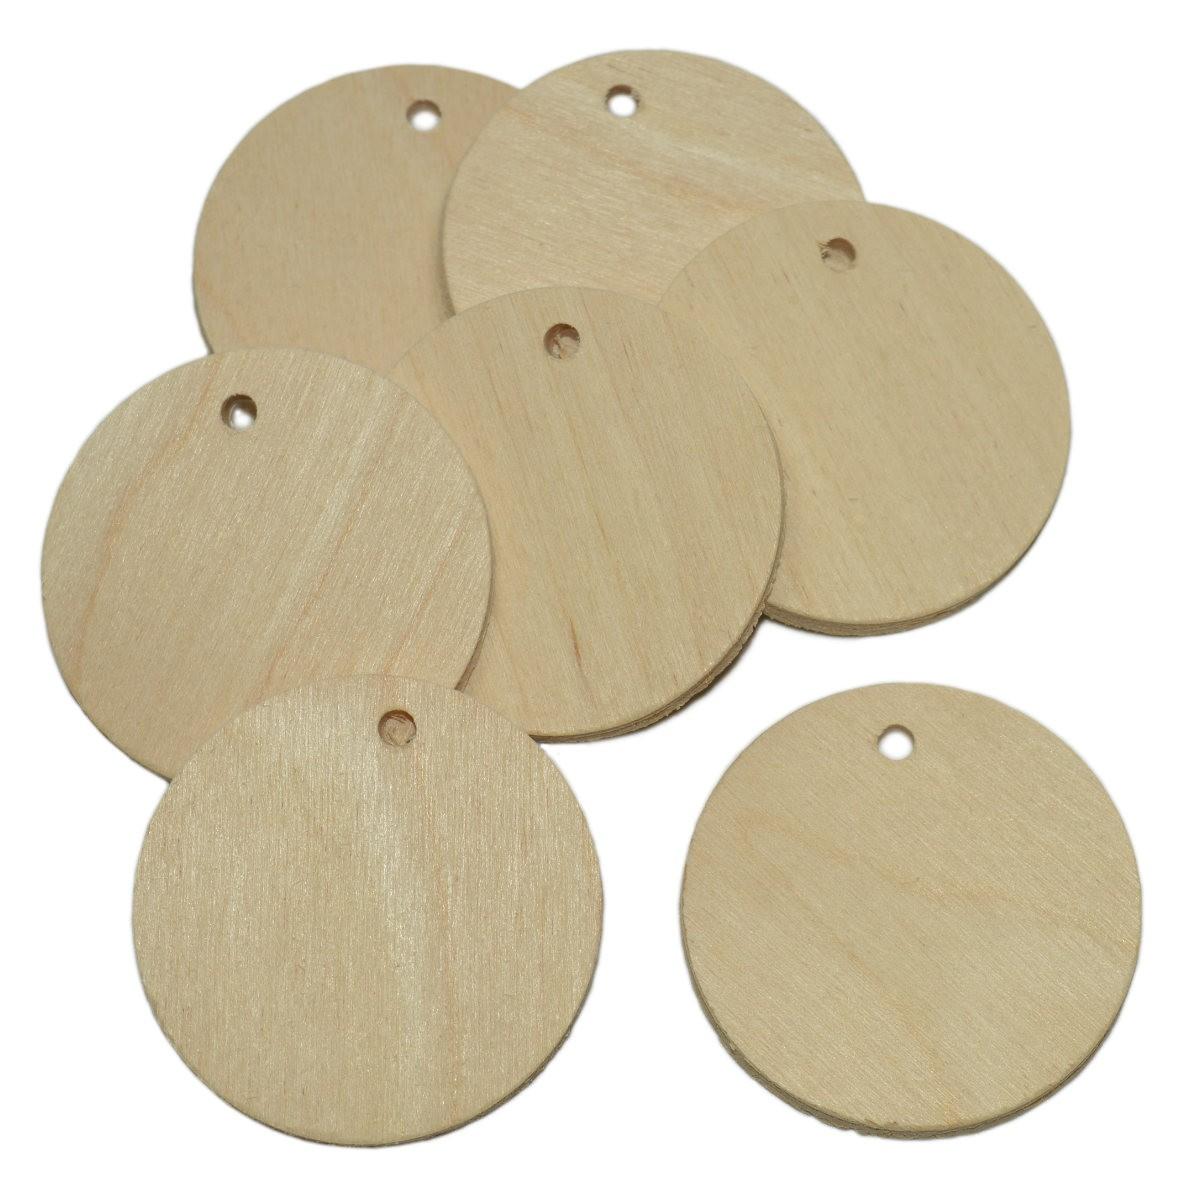 10 Holzscheiben Rund 5cm Namensschild Holz Zum Basteln Bemalen